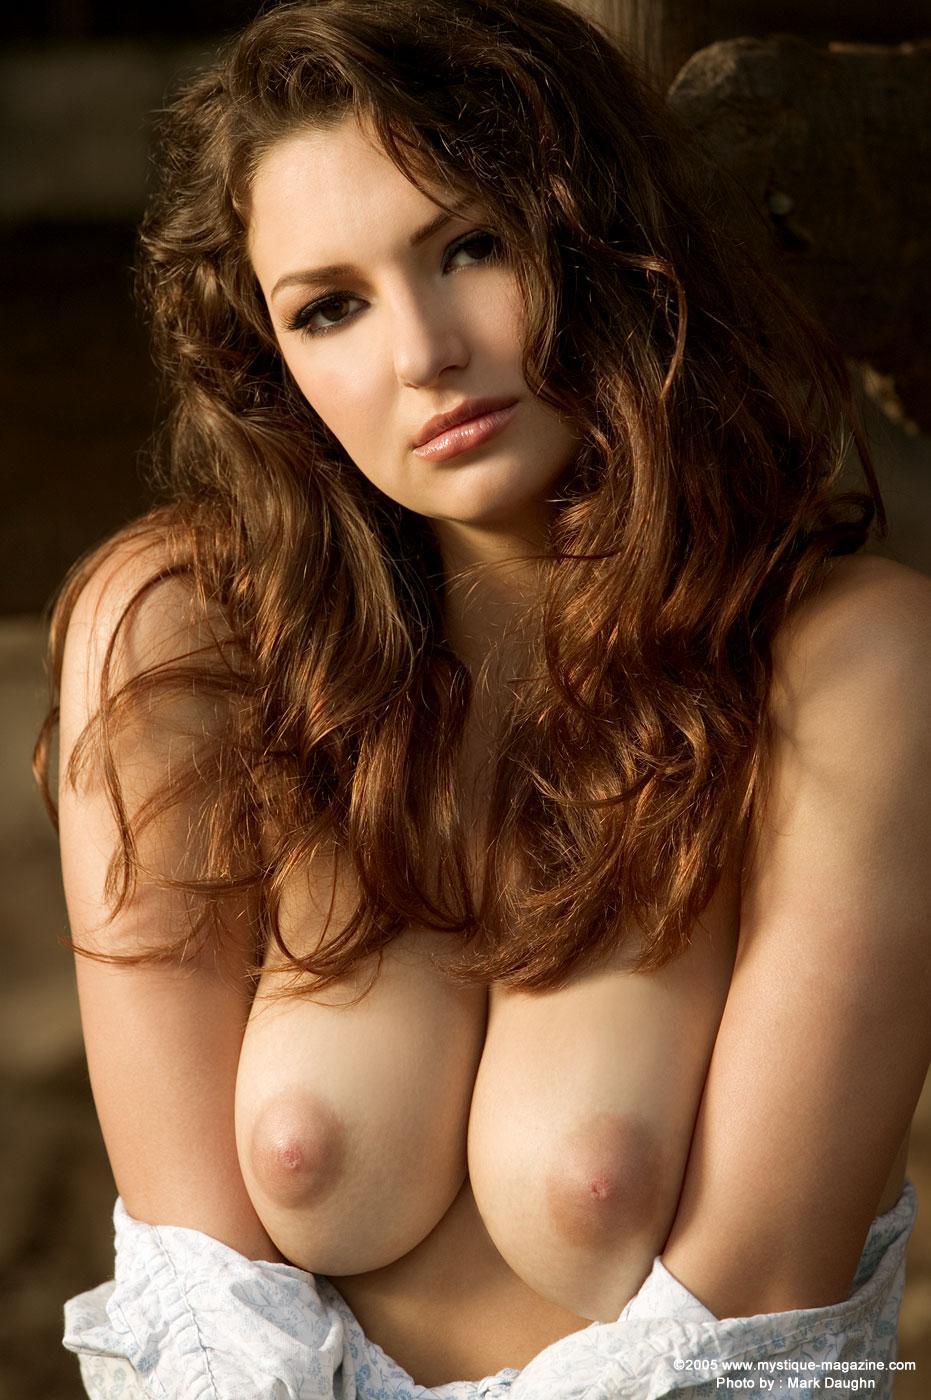 netherlands girl sex photos